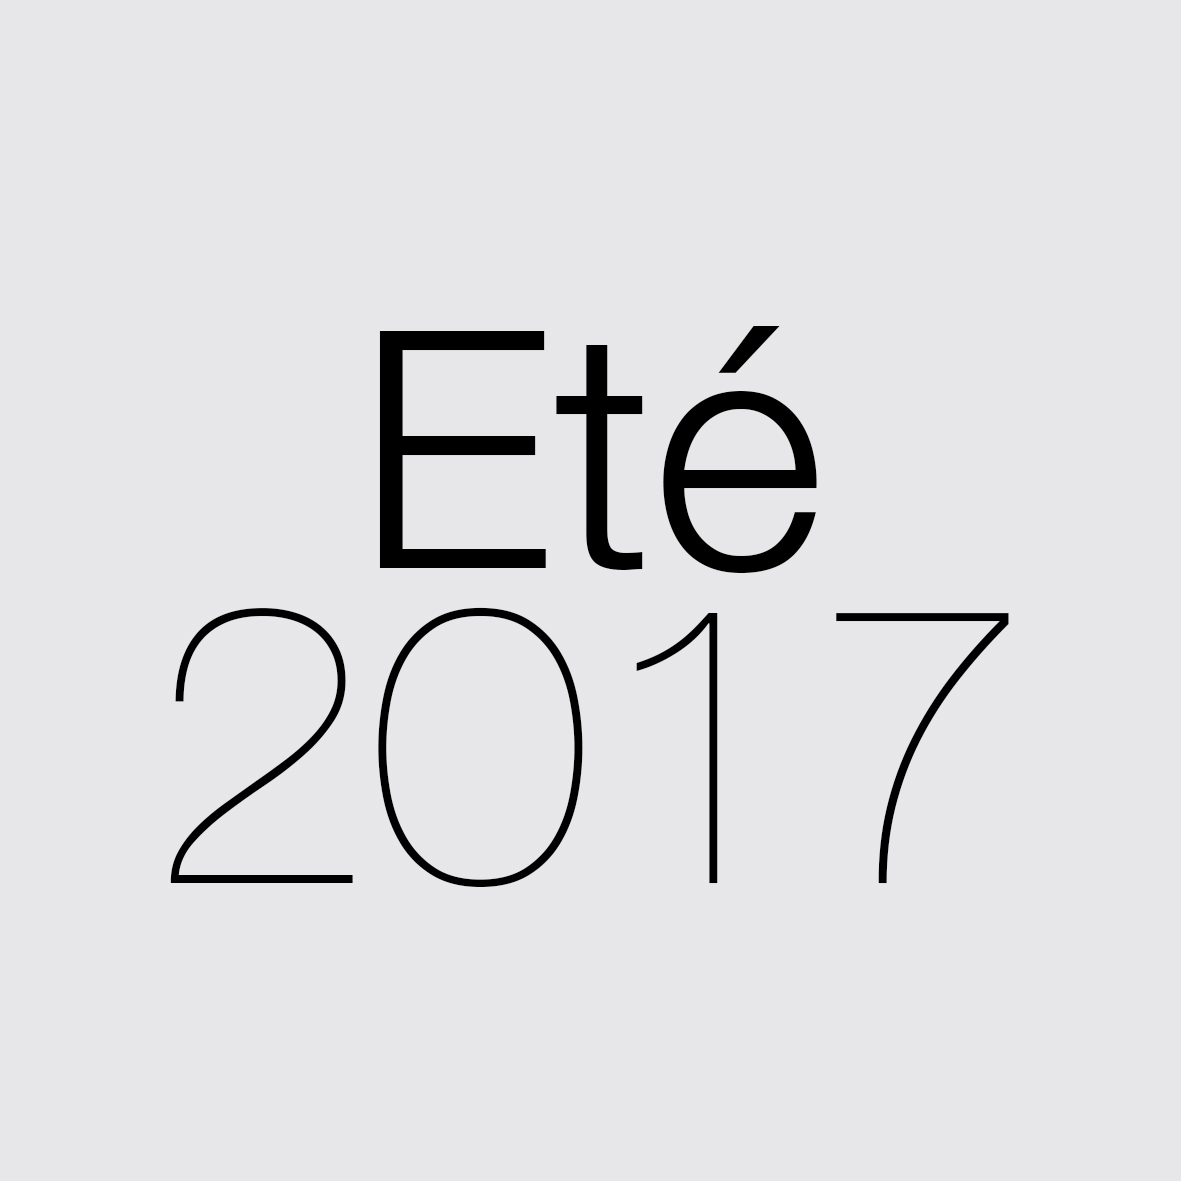 Été 2017